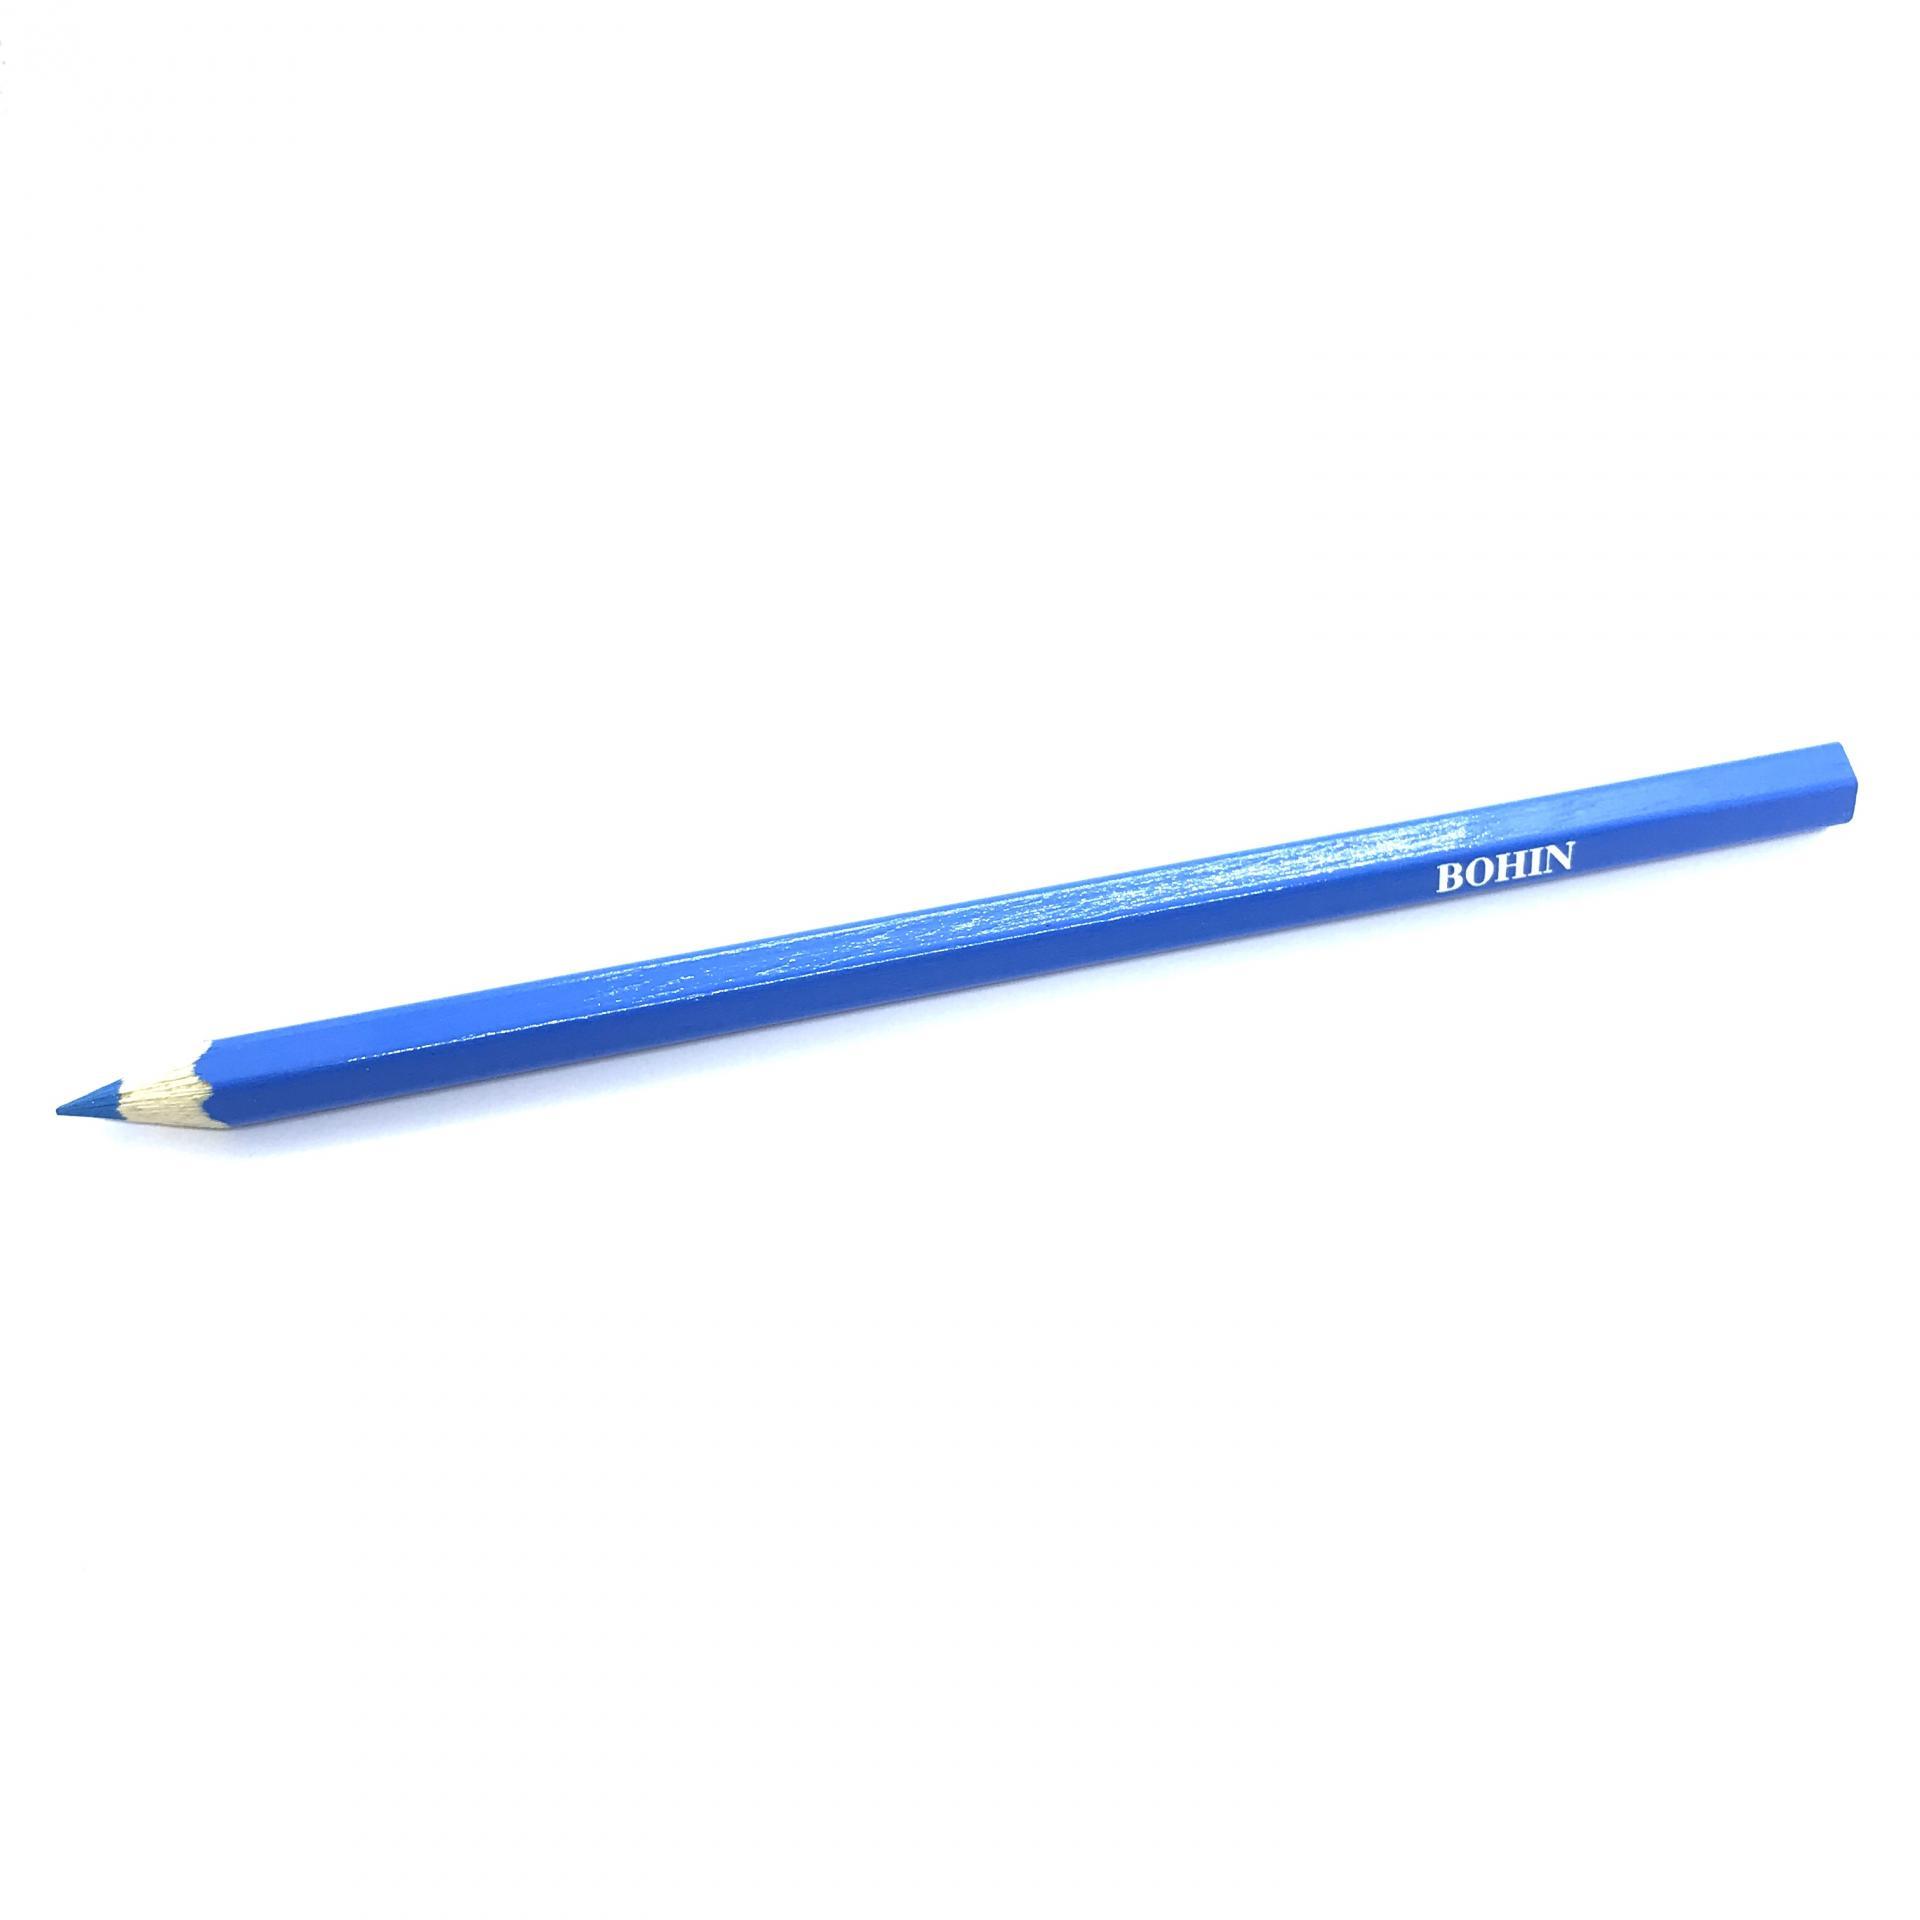 Crayon craie de couture bohin bleu